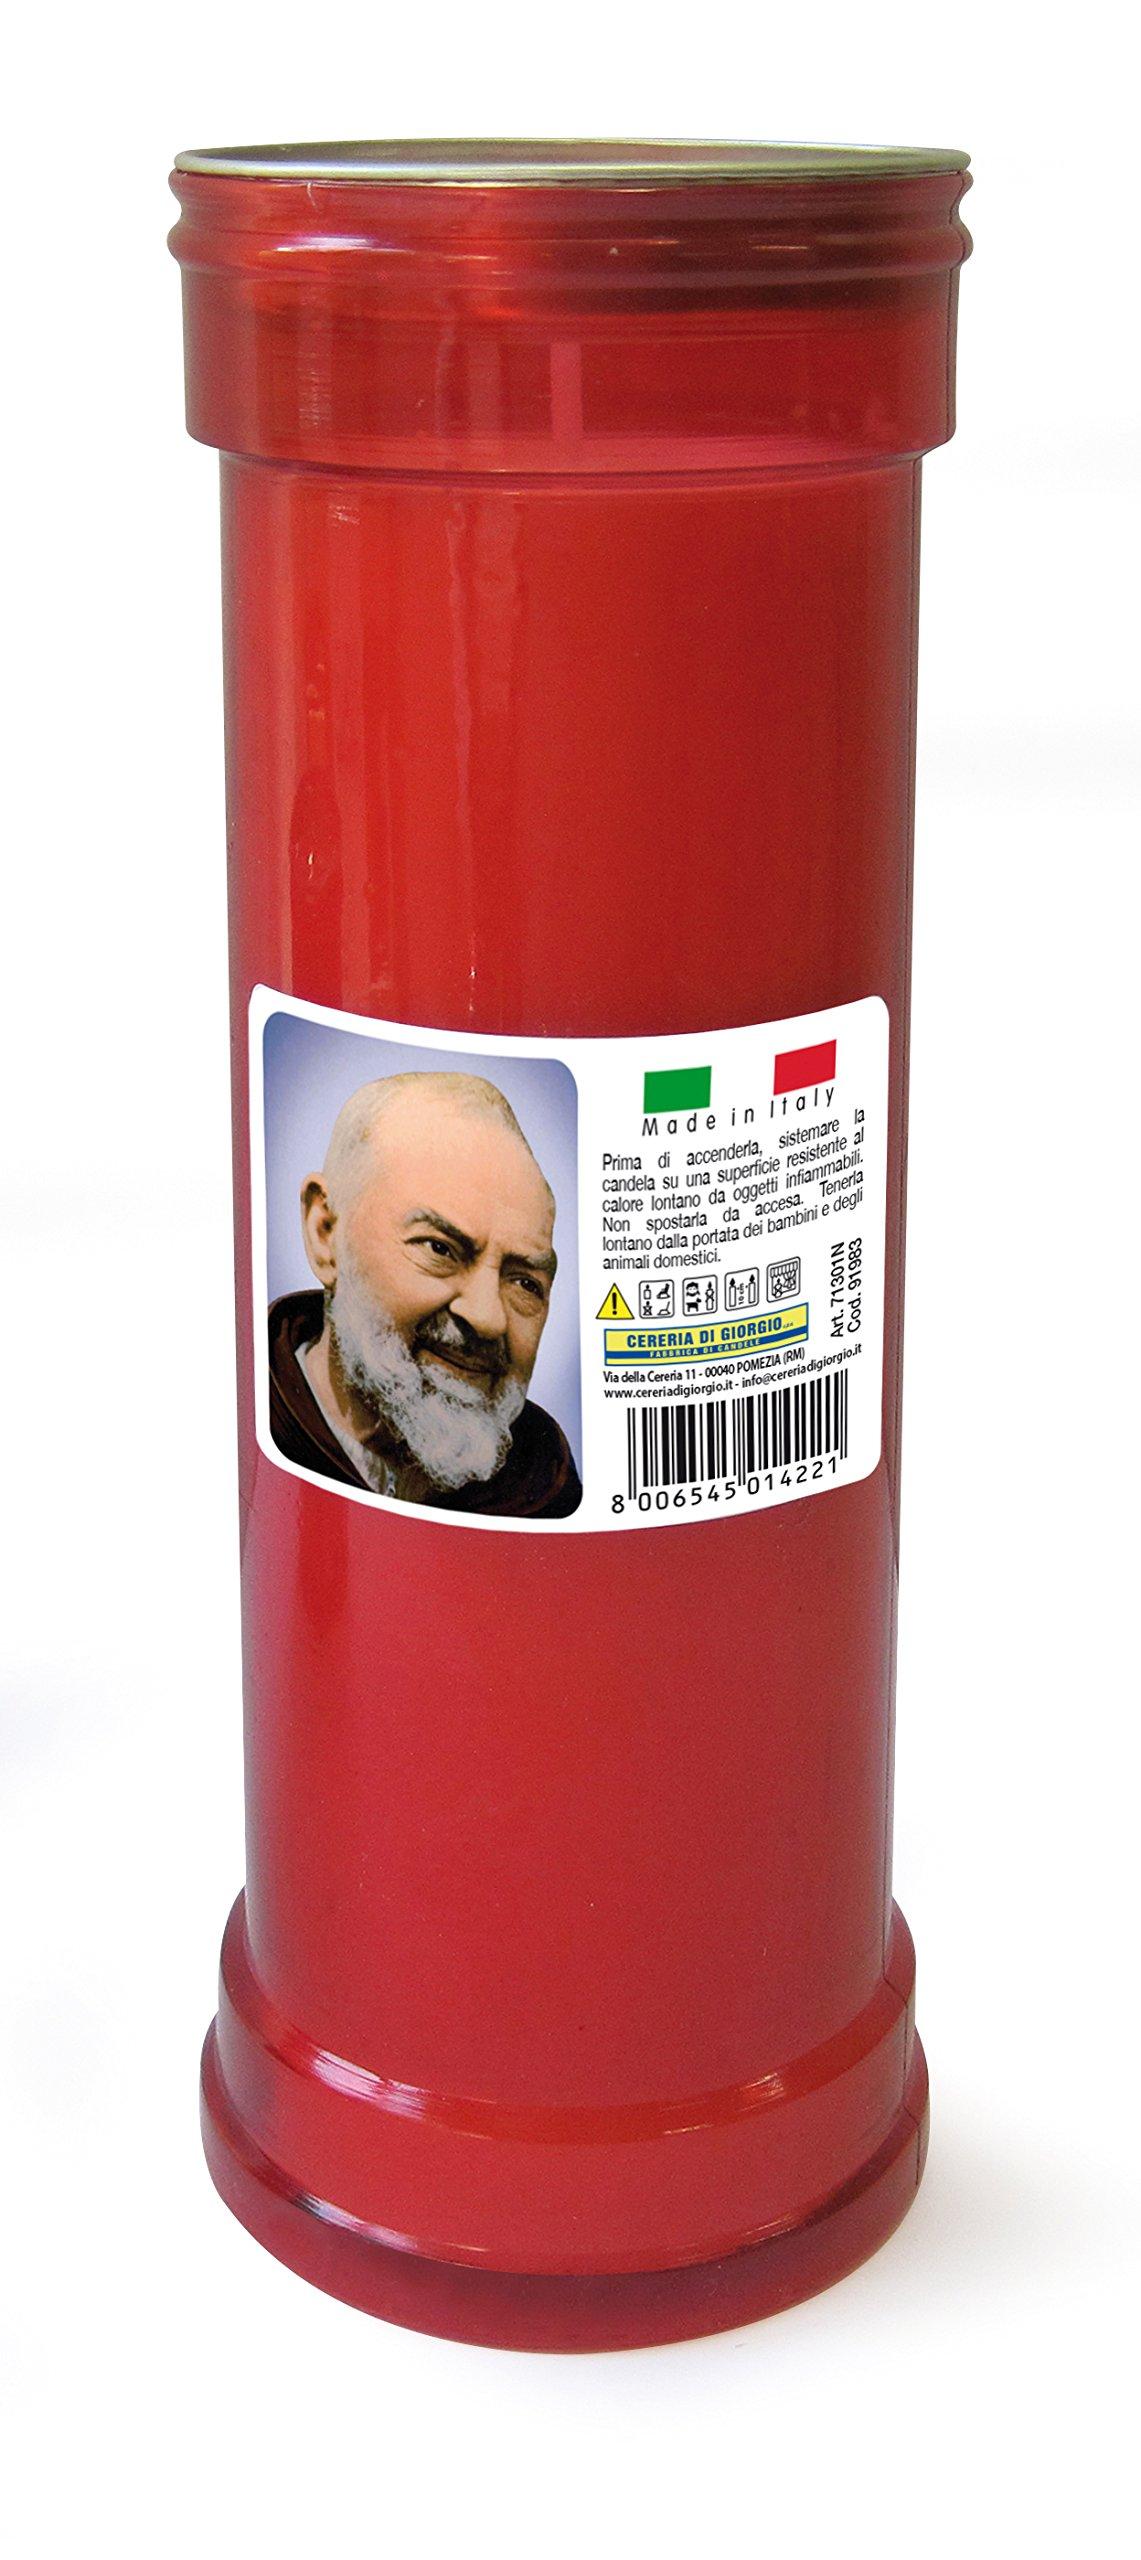 CERERIA di Giorgio 715AZ Ceri votivi Padre Pio, Wax, Red, 6.5x 6.5x 19.5cm, 10Units